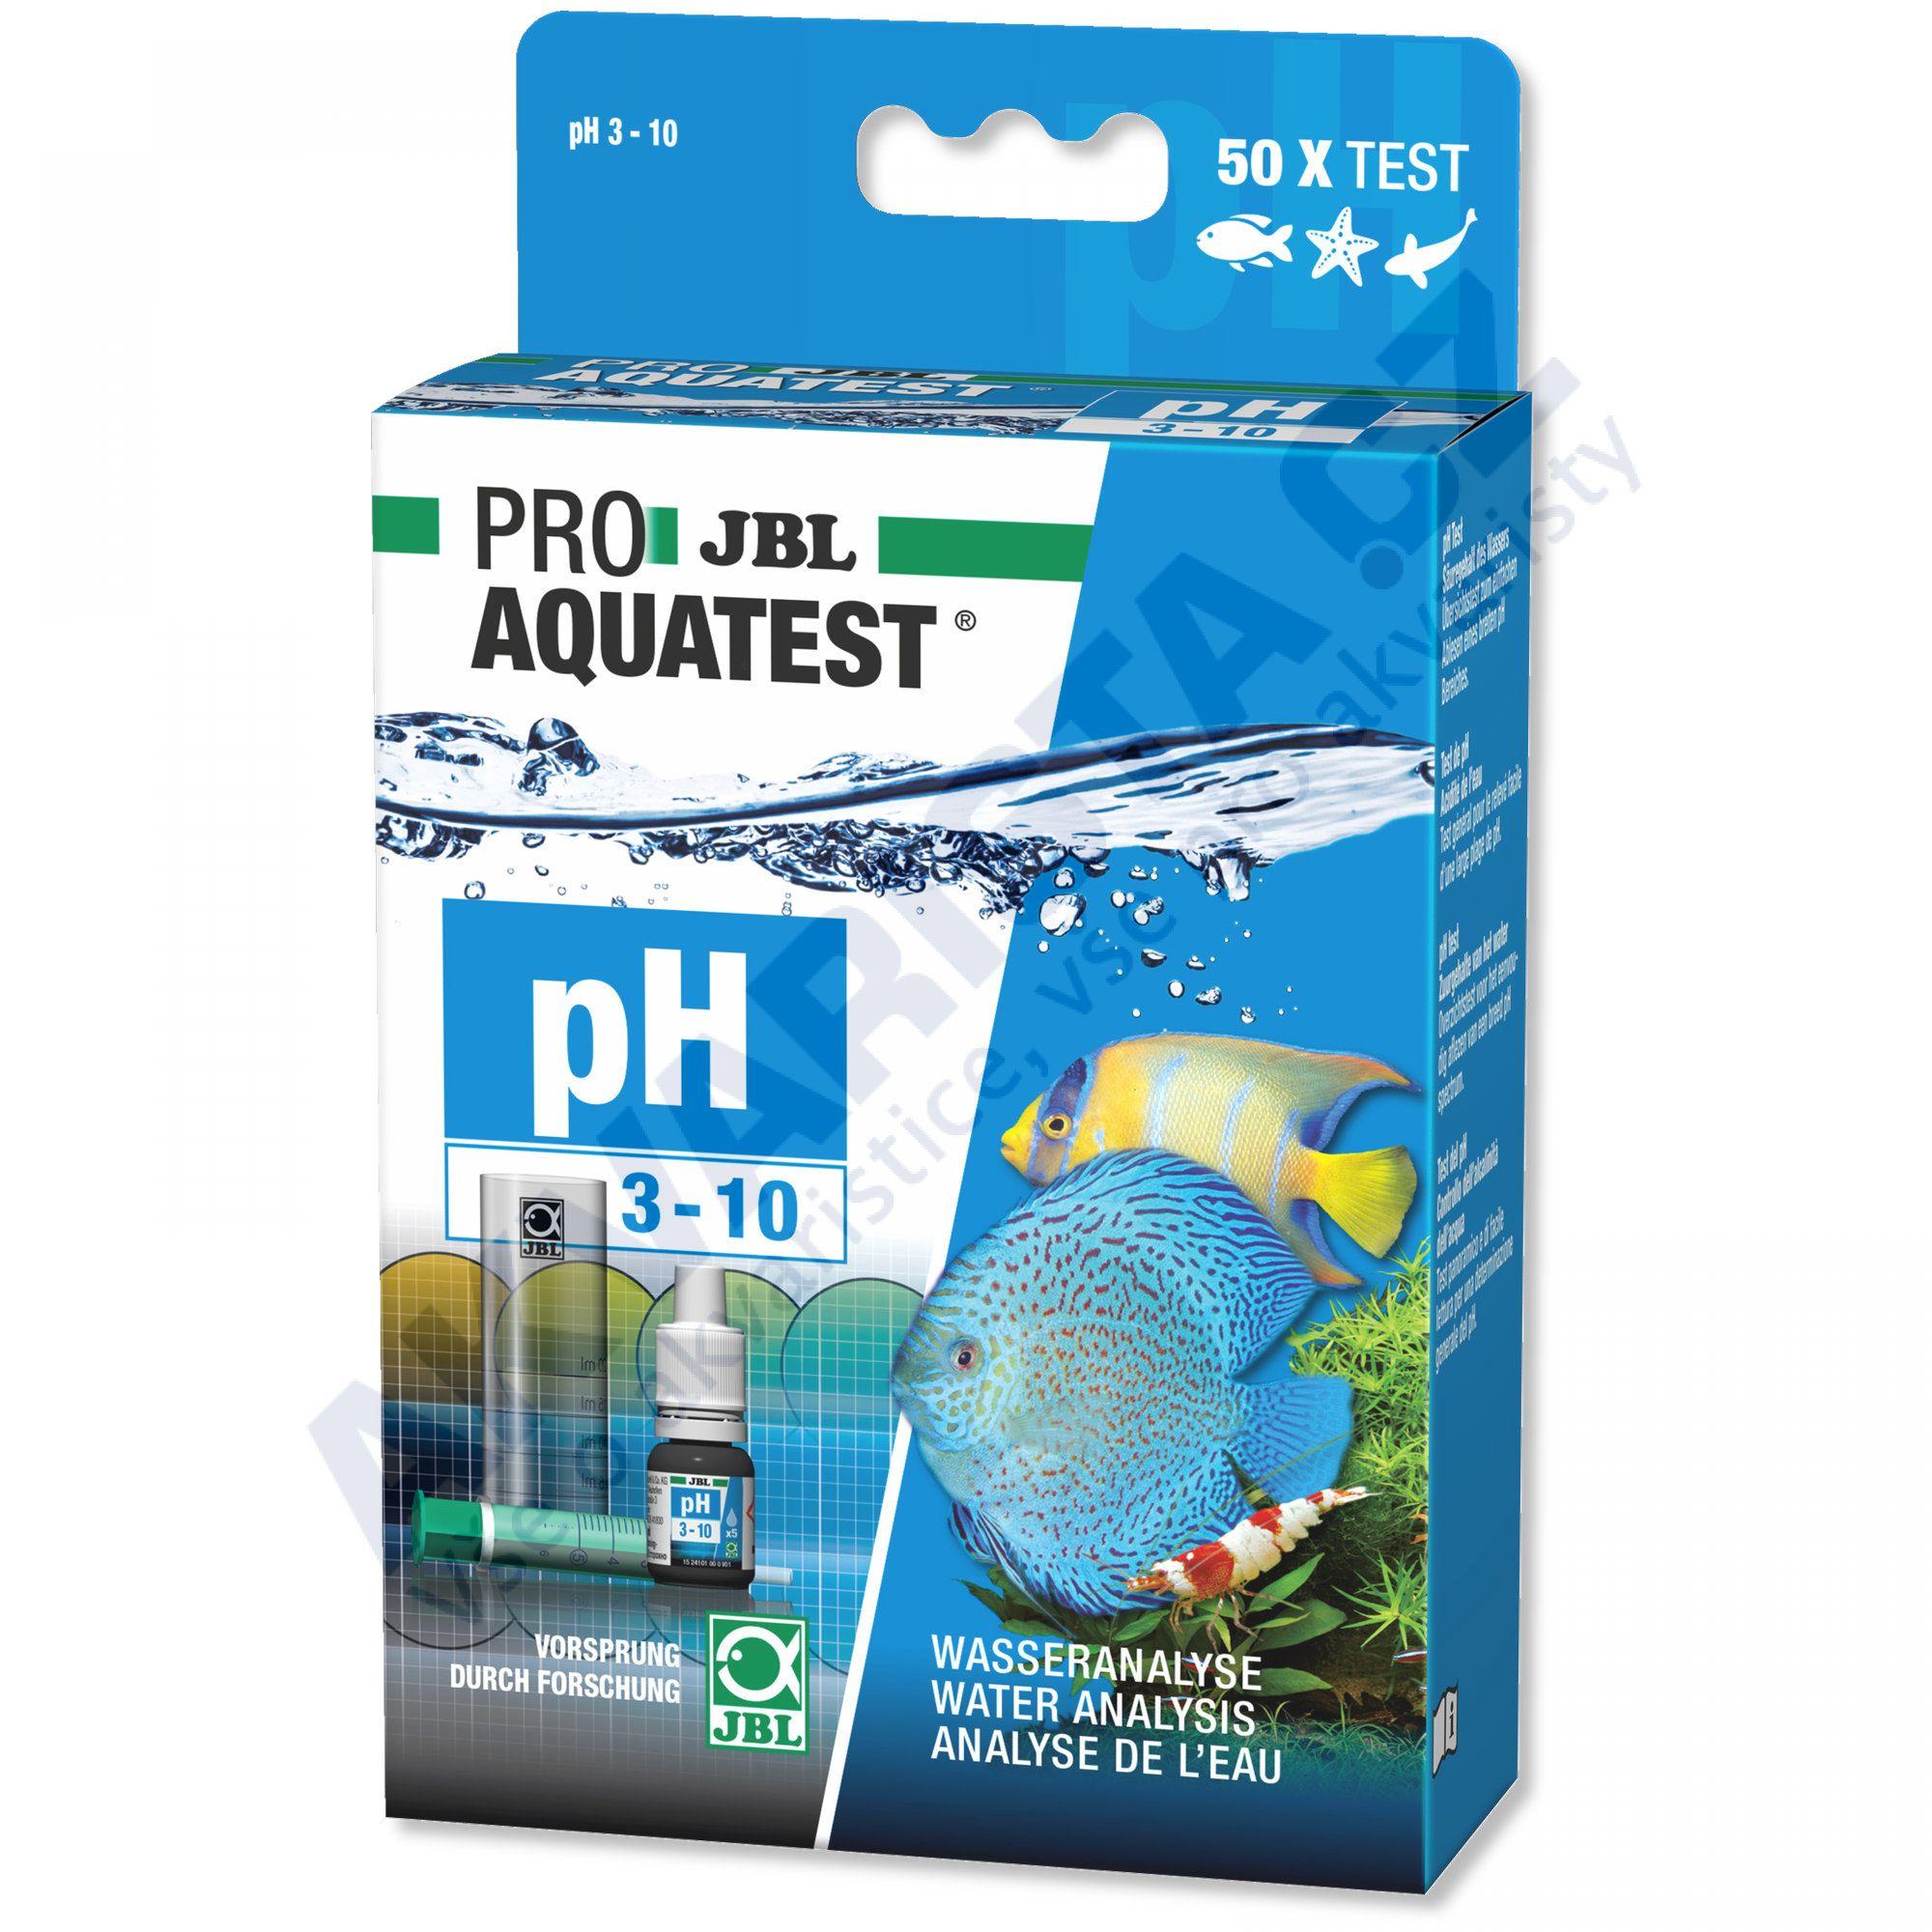 JBL PRO Aquatest pH 3.0 - 10.0